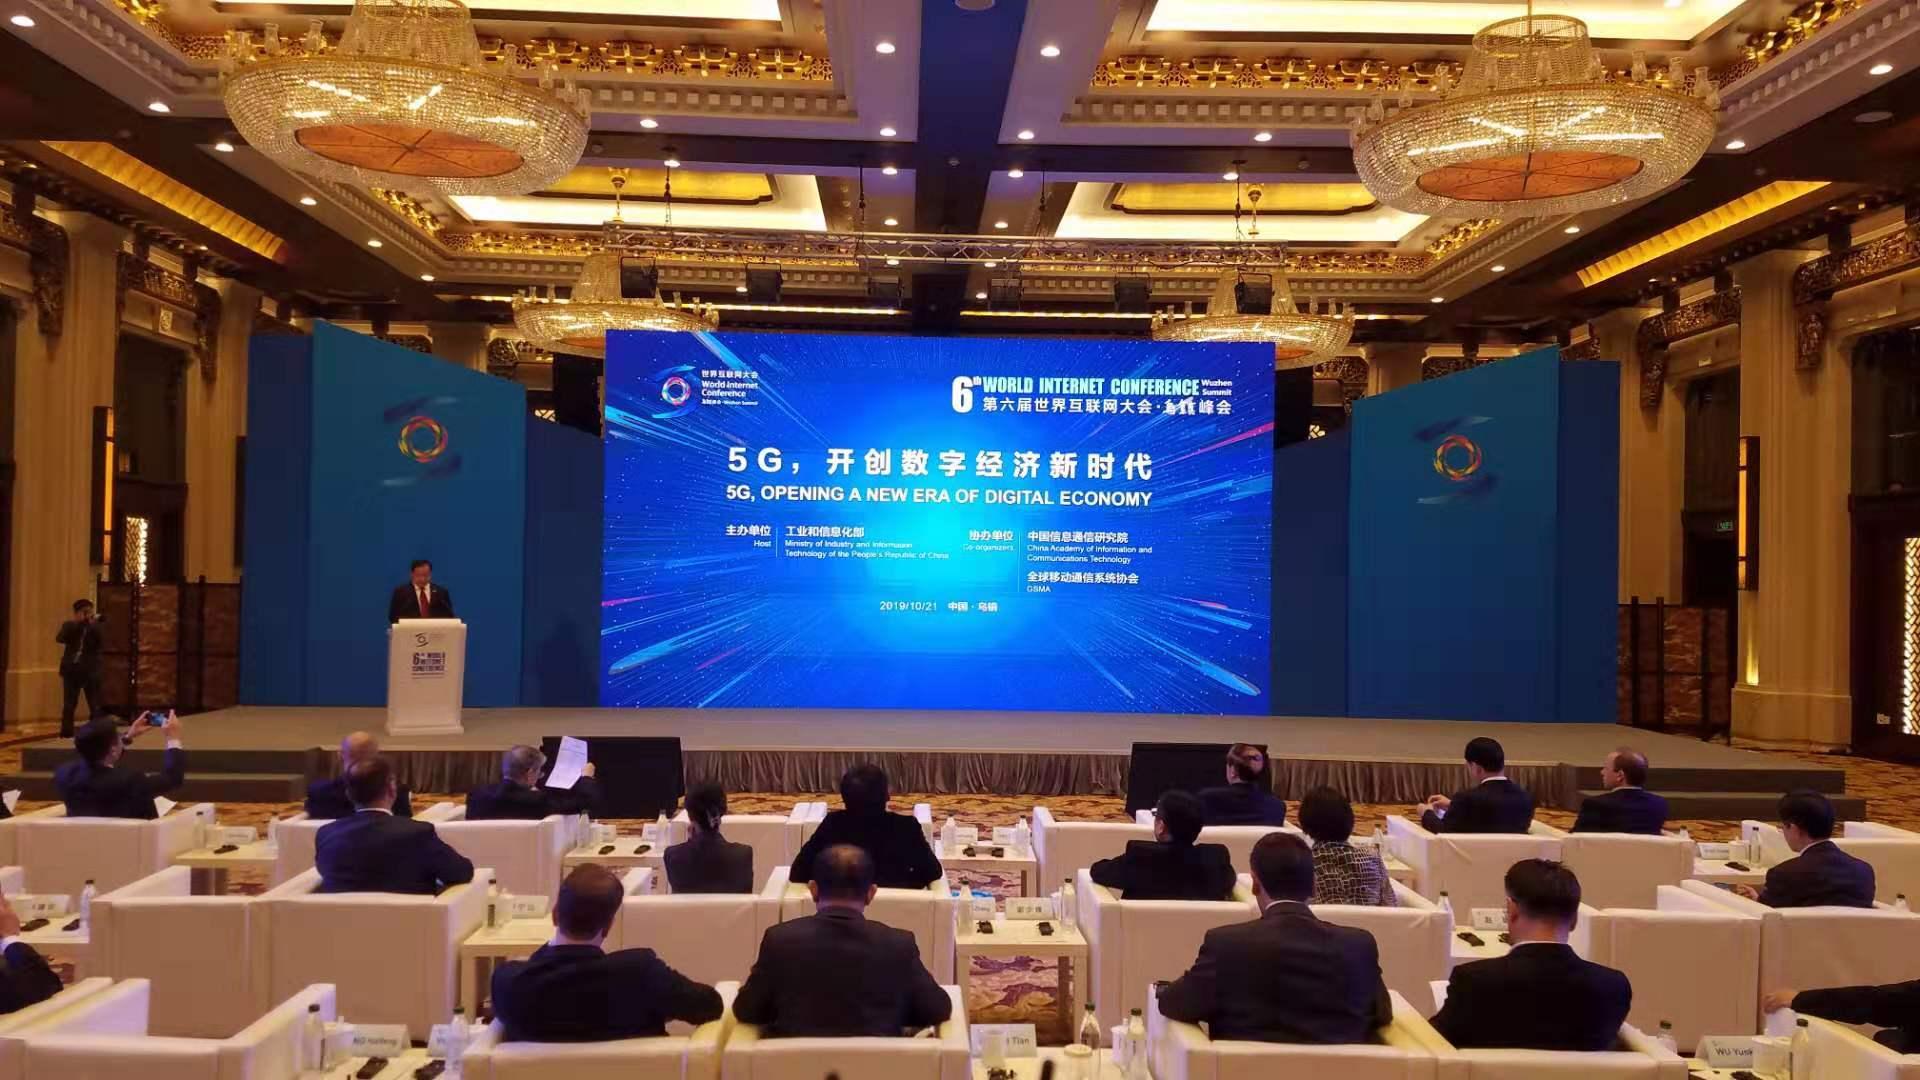 开创数字经济新时代 第六届世界互联网大会5G论坛在浙江乌镇举行